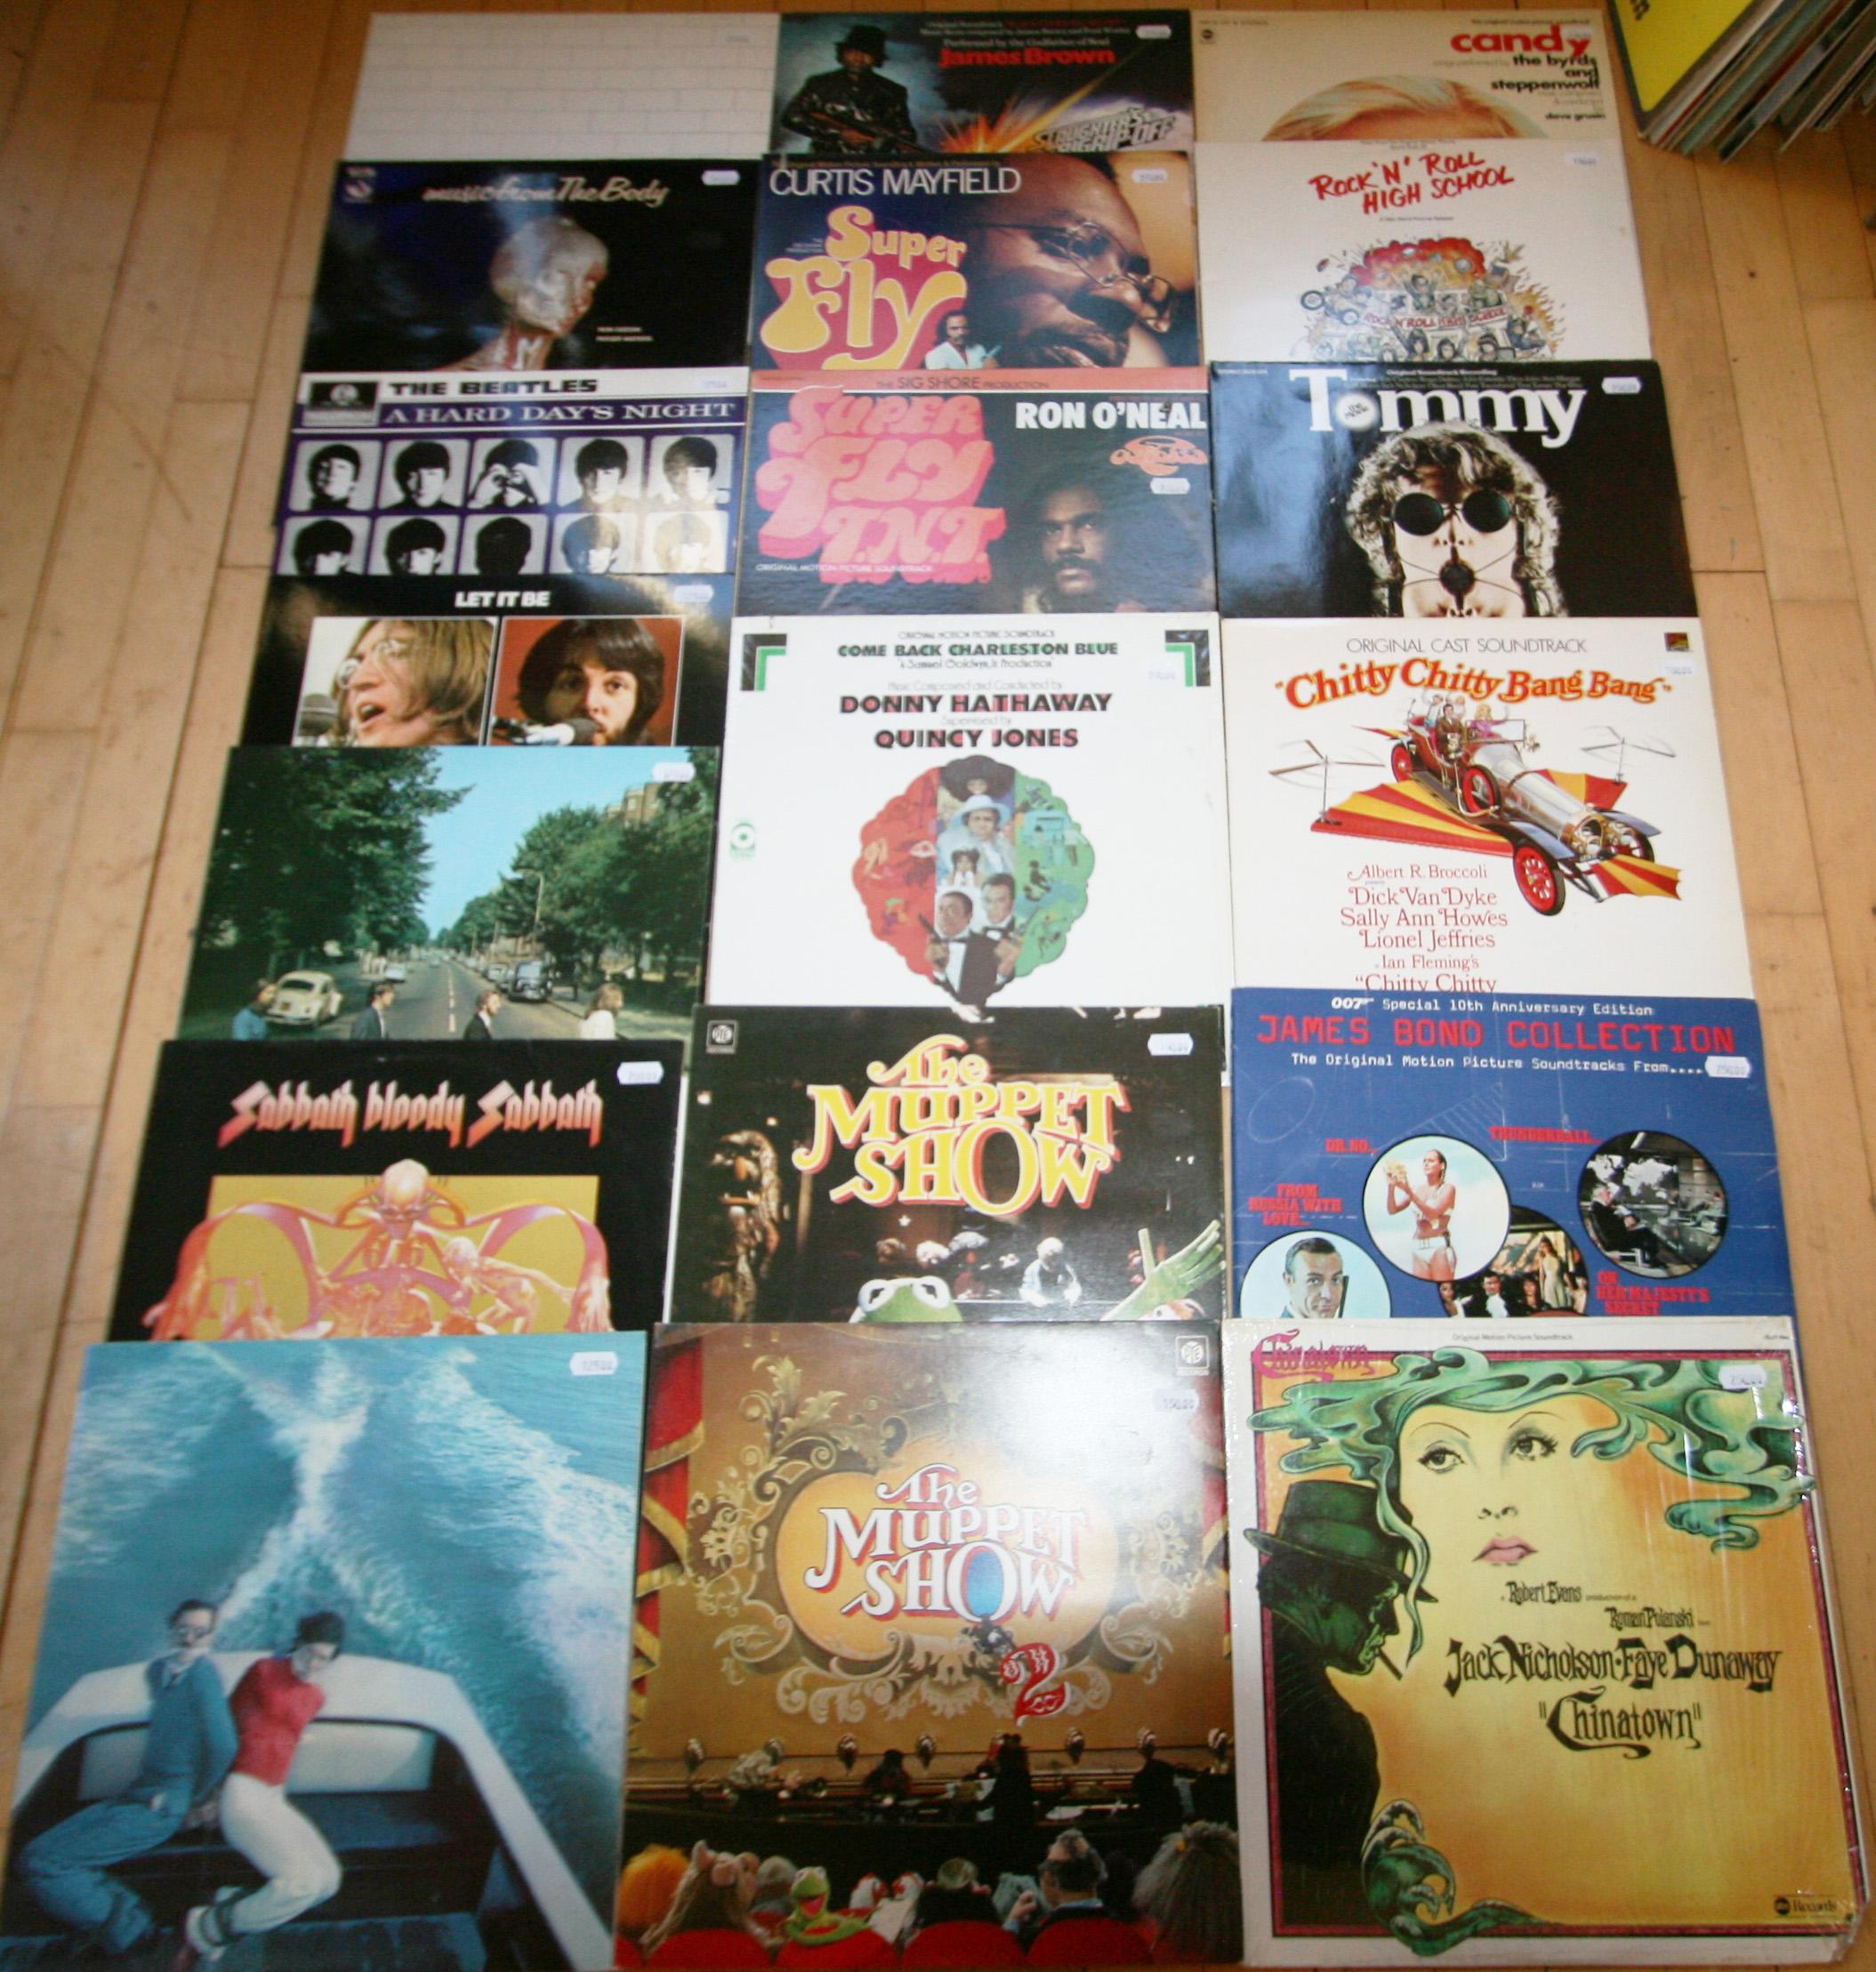 Rock & soul & soundtracks - vinyl